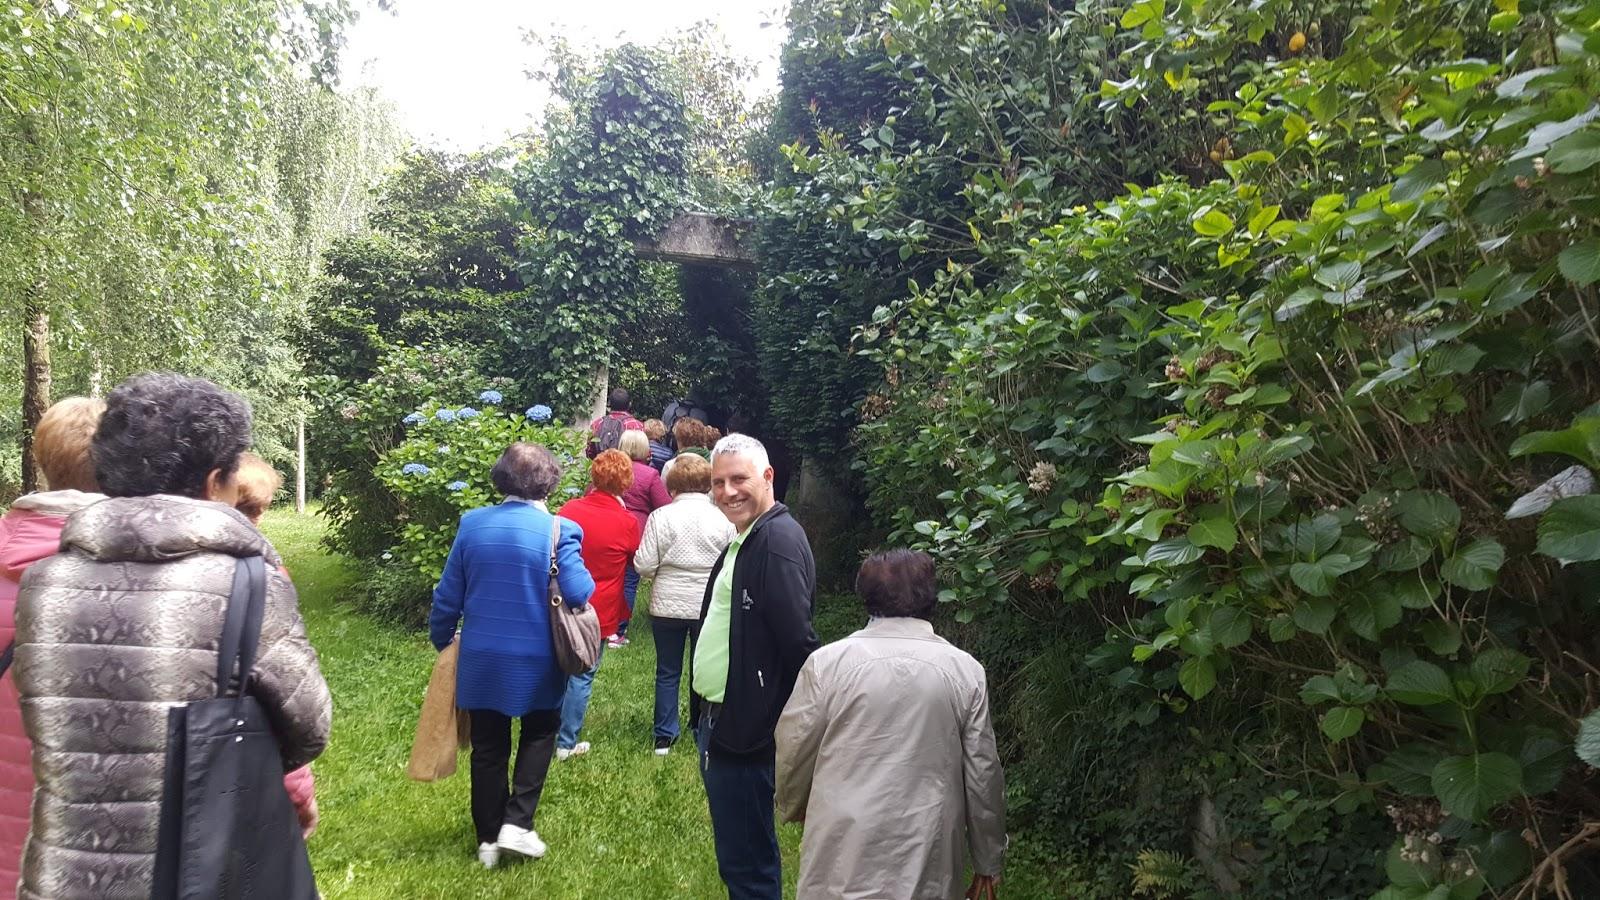 Chicos y chicas de ascivitas los jardines de la fonte baixa for Jardines de la fonte baixa